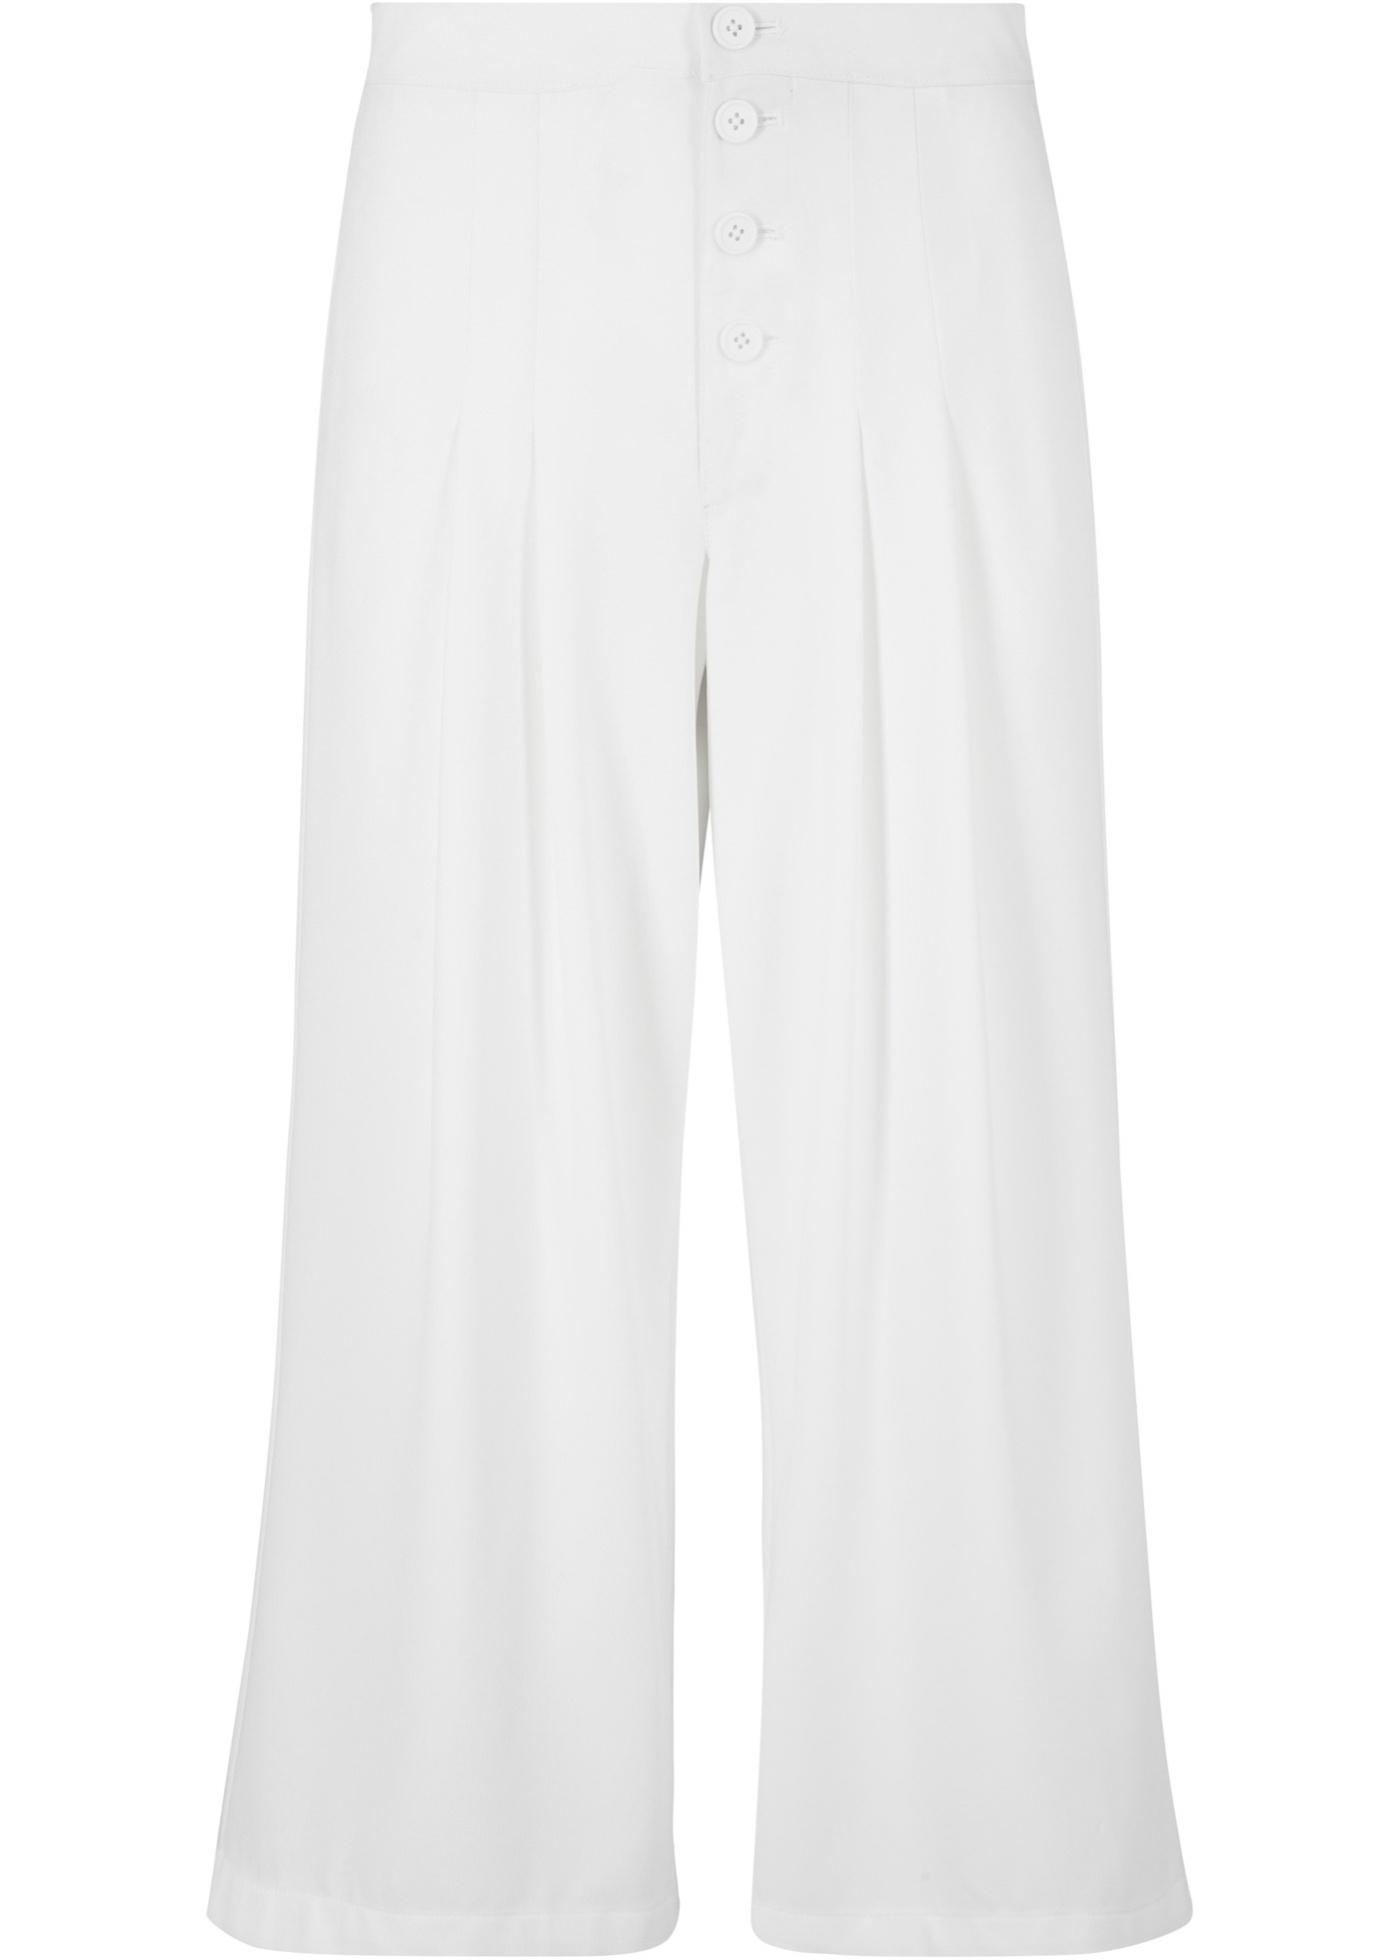 Culotte, wadenlang in weiß für Damen von bonprix